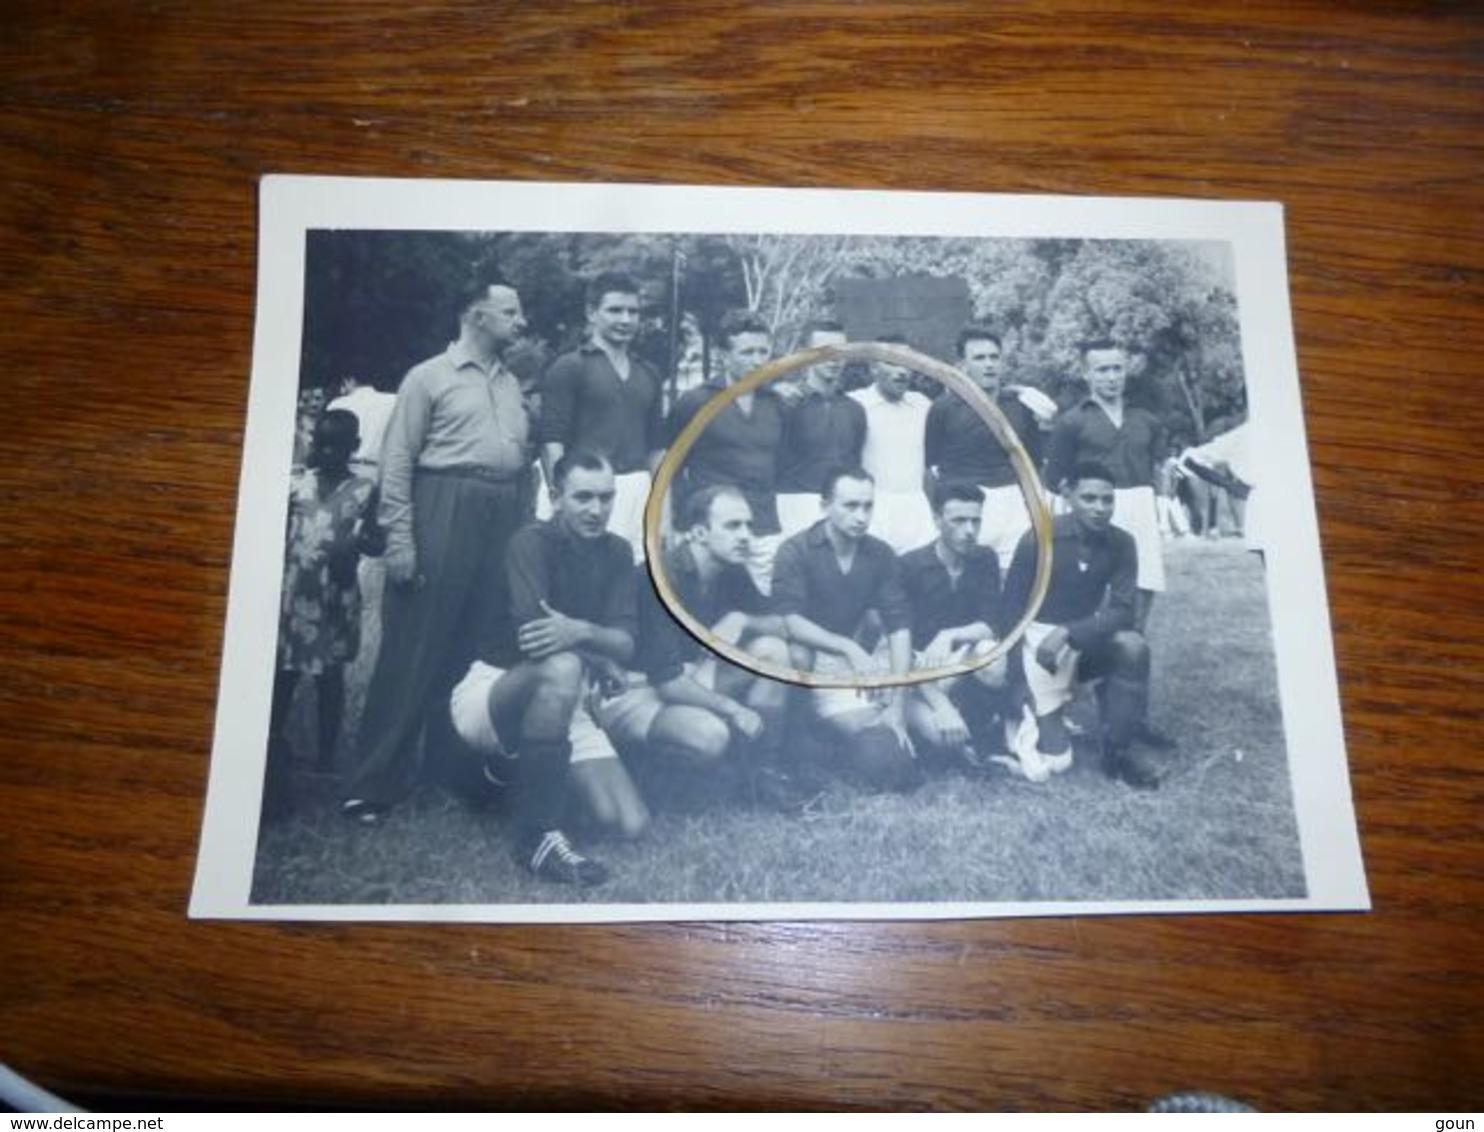 BC4-3-5-4 Carte Photo Football Equipe Congo Belge En Afrique Equatoriale Française 1955 à Bangui - Centrafricaine (République)